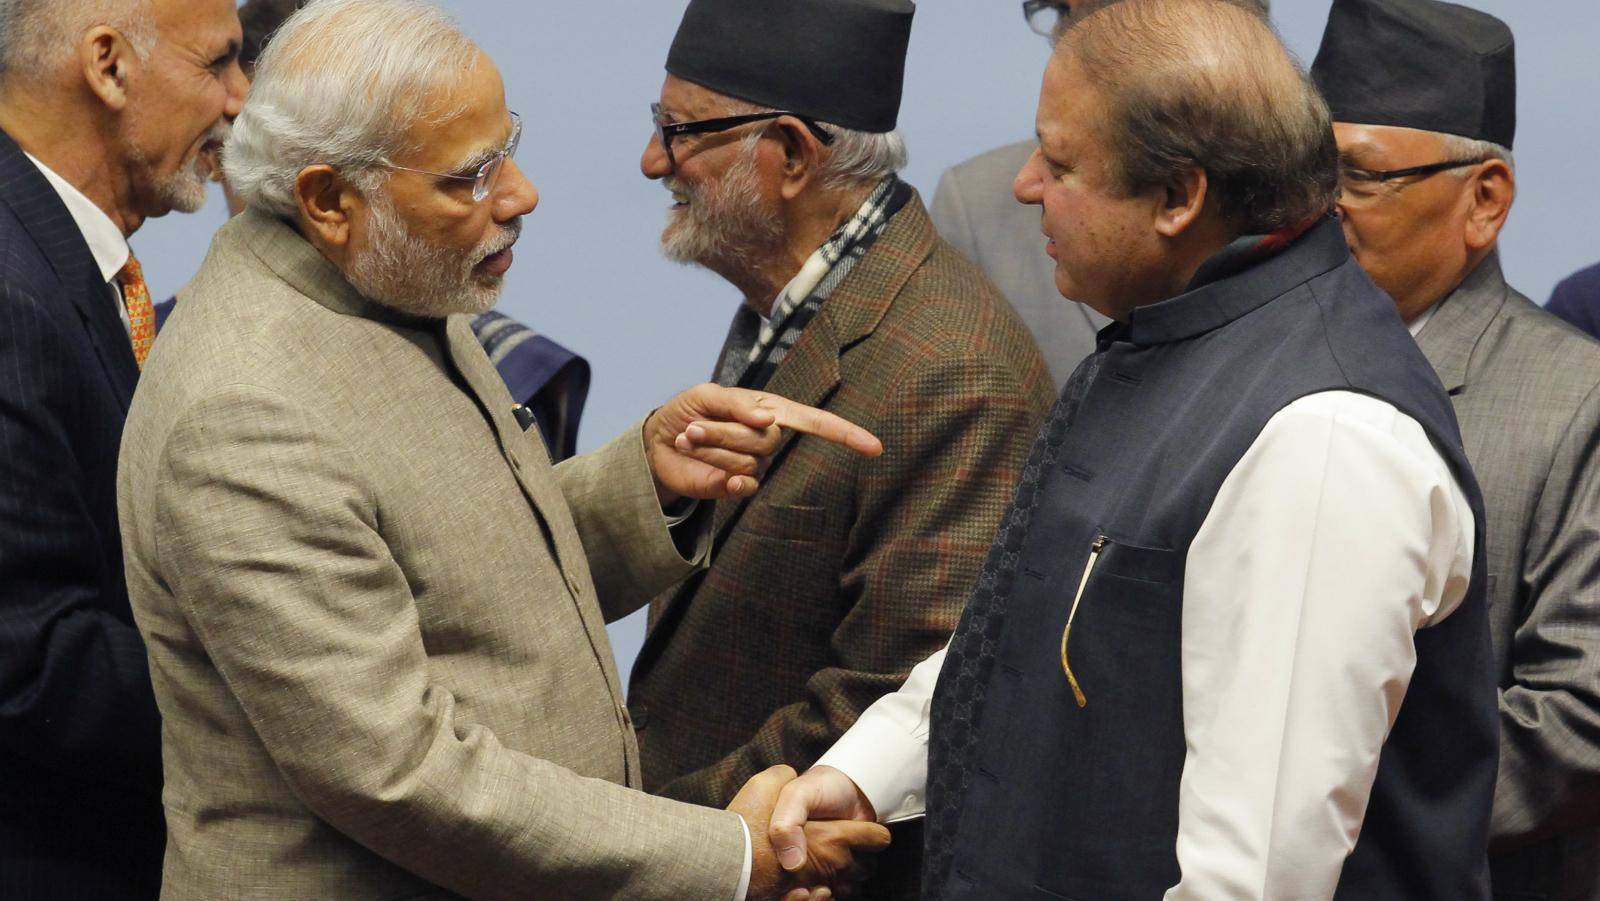 Balochistan-Narendra Modi-Foreign policy-Balochistan-Pakistan-Nawaz Sharif